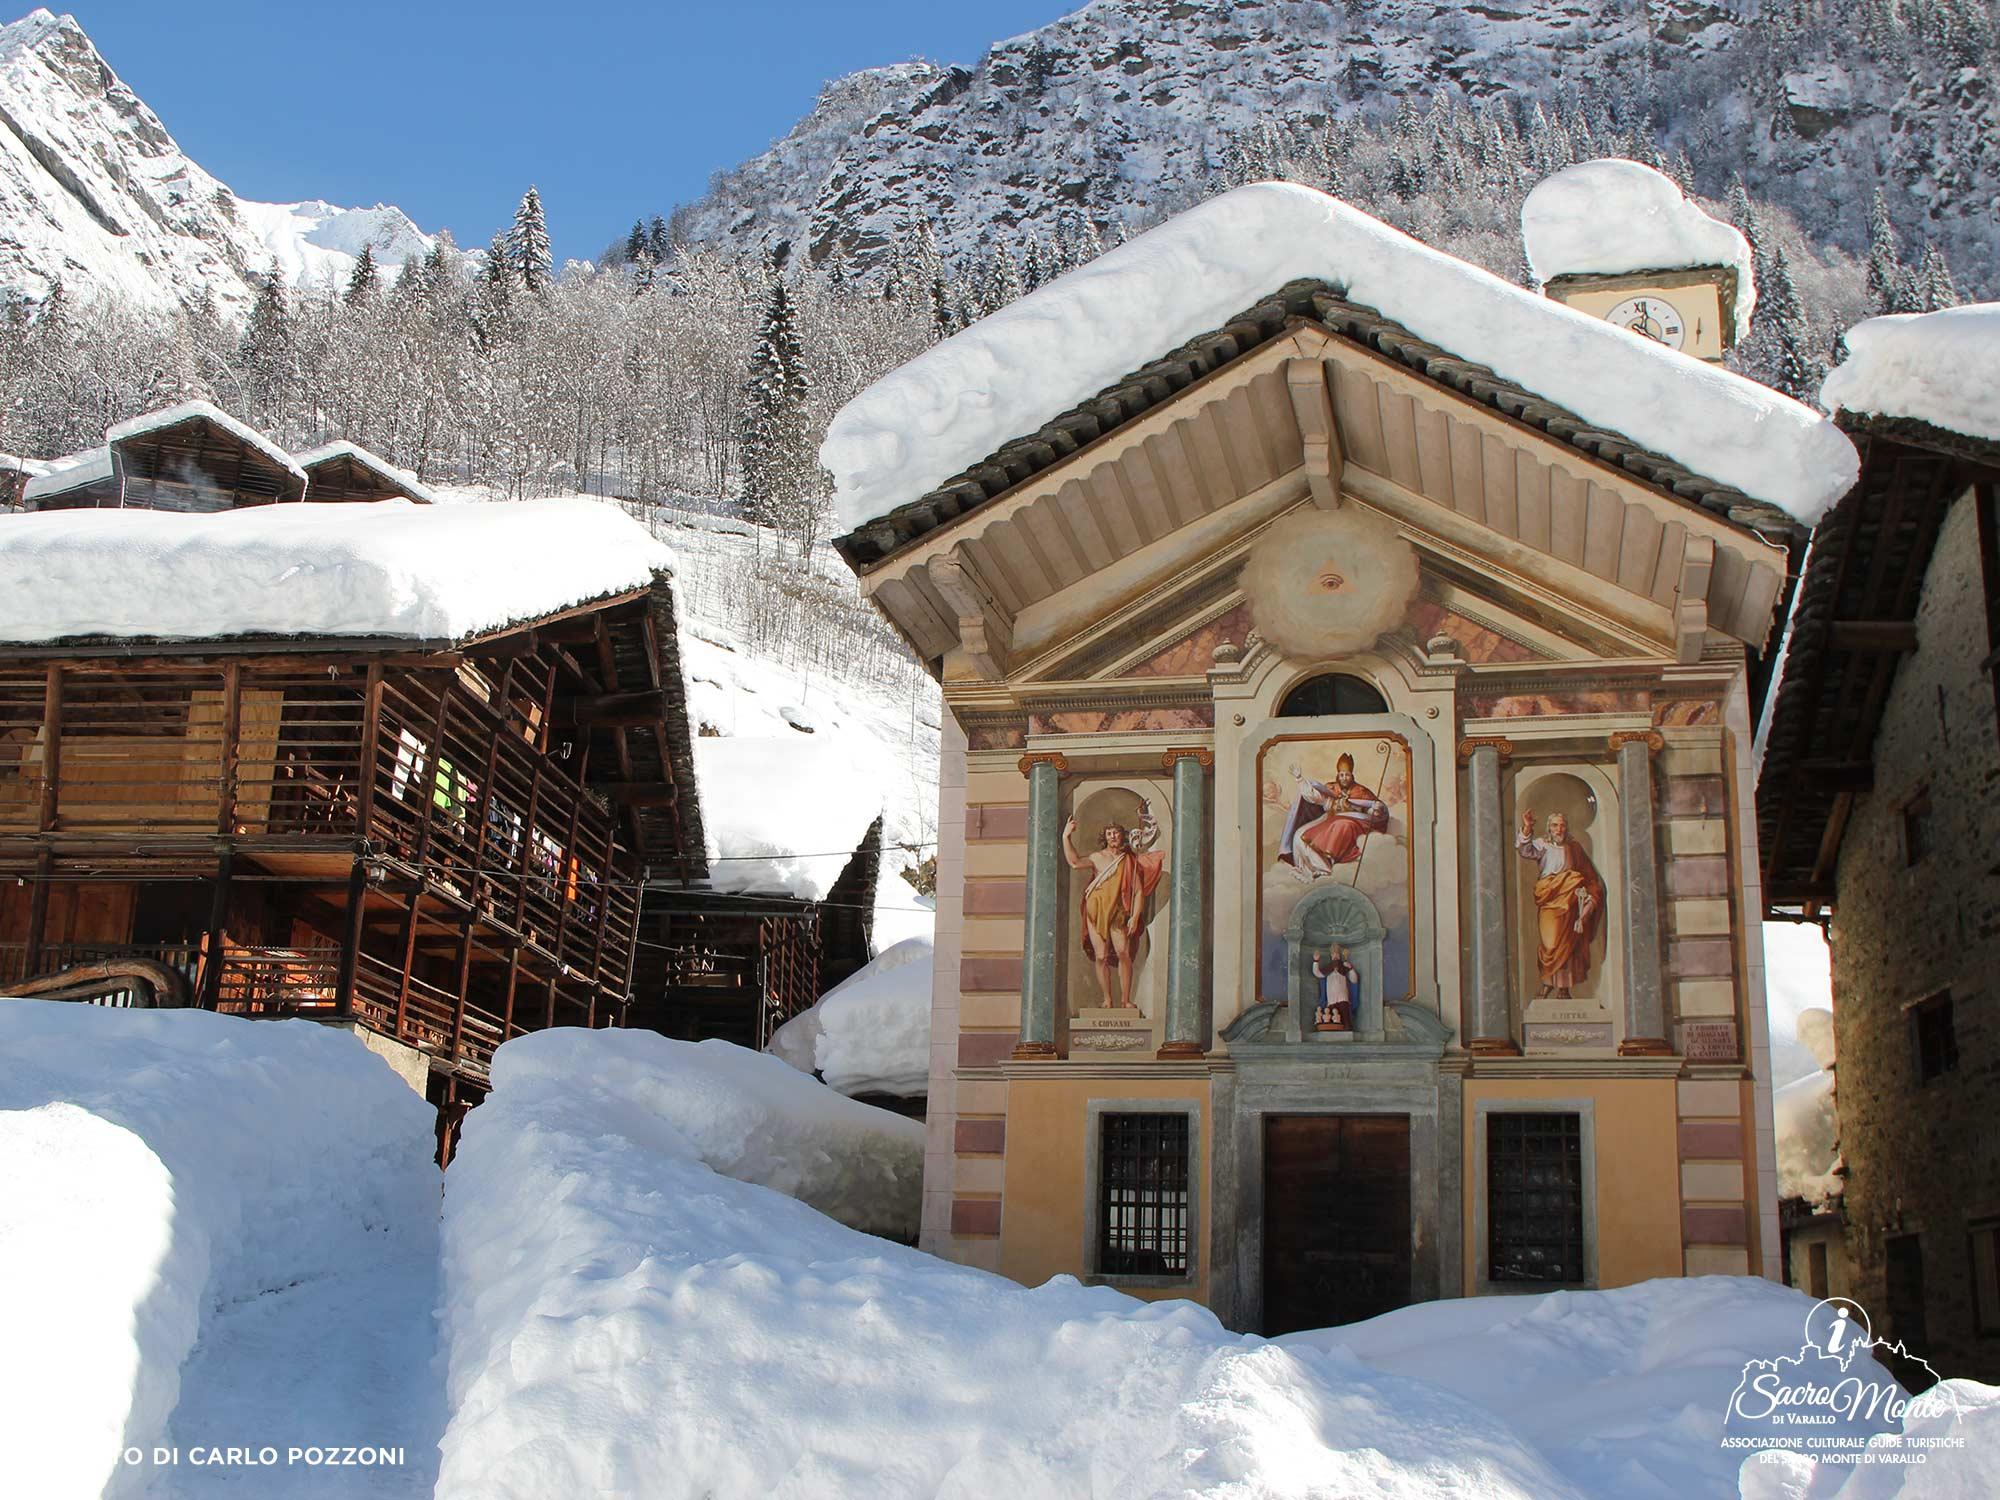 Sacro Monte di Varallo tour Alagna